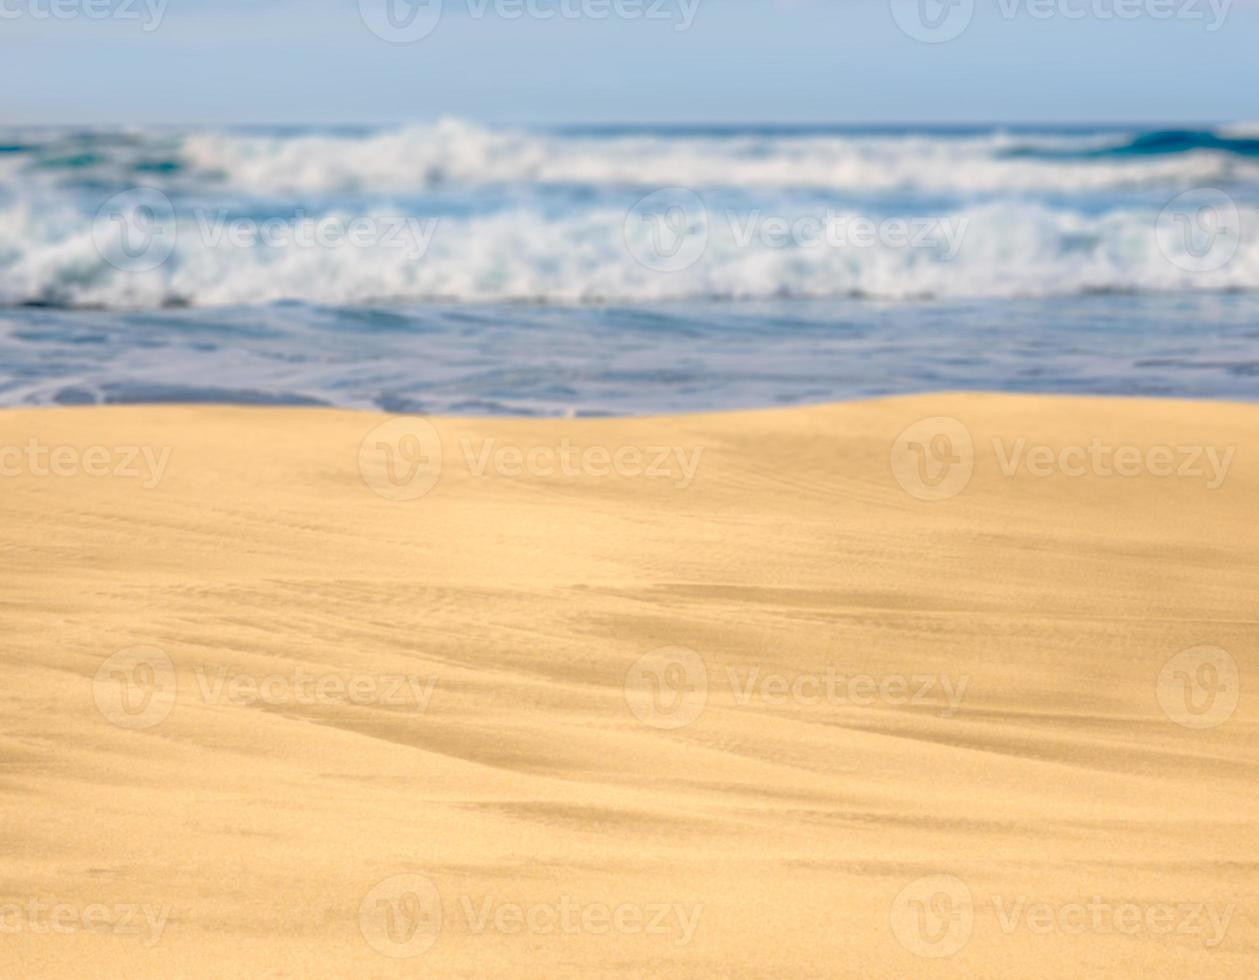 zandstrand met golven in de verte foto